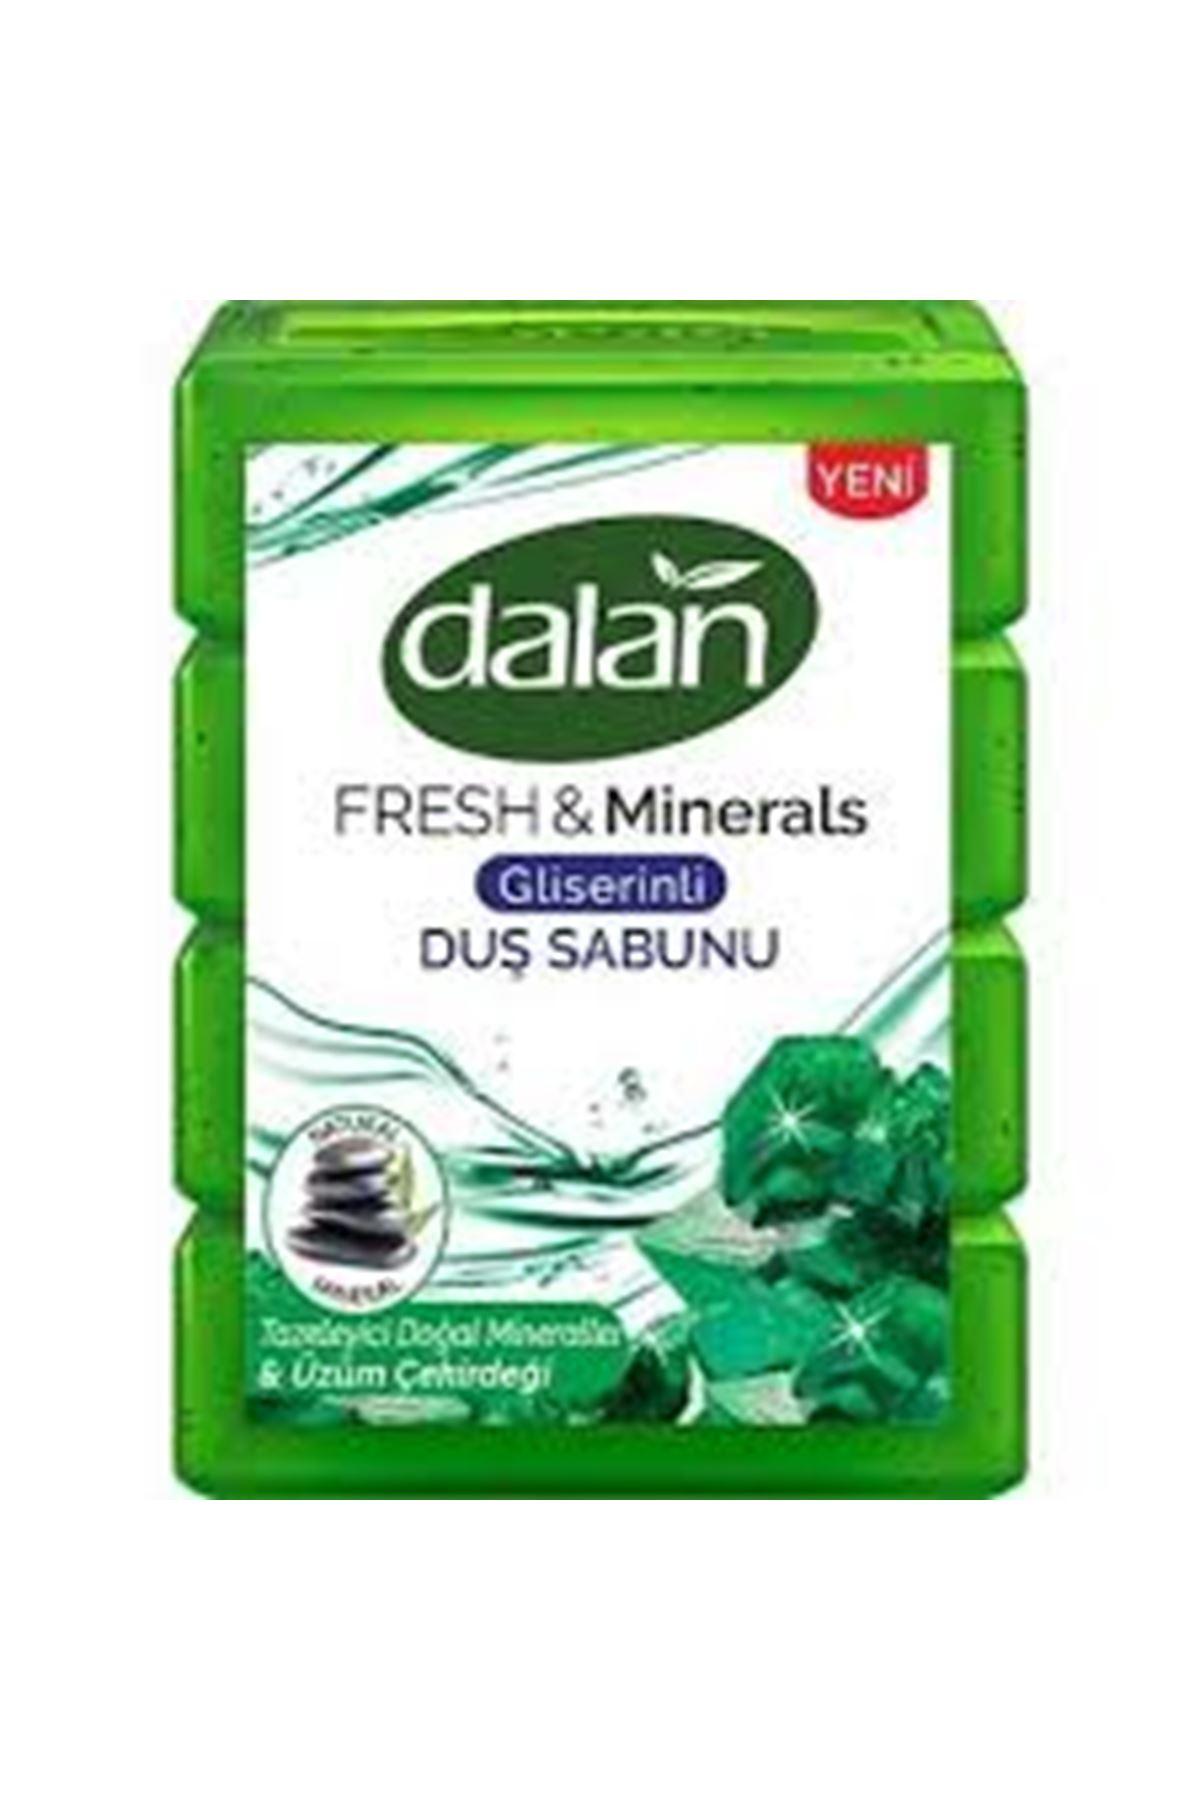 Dalan Duş Sabunu 150 Gram*4 Adet Üzüm Çekirdeği